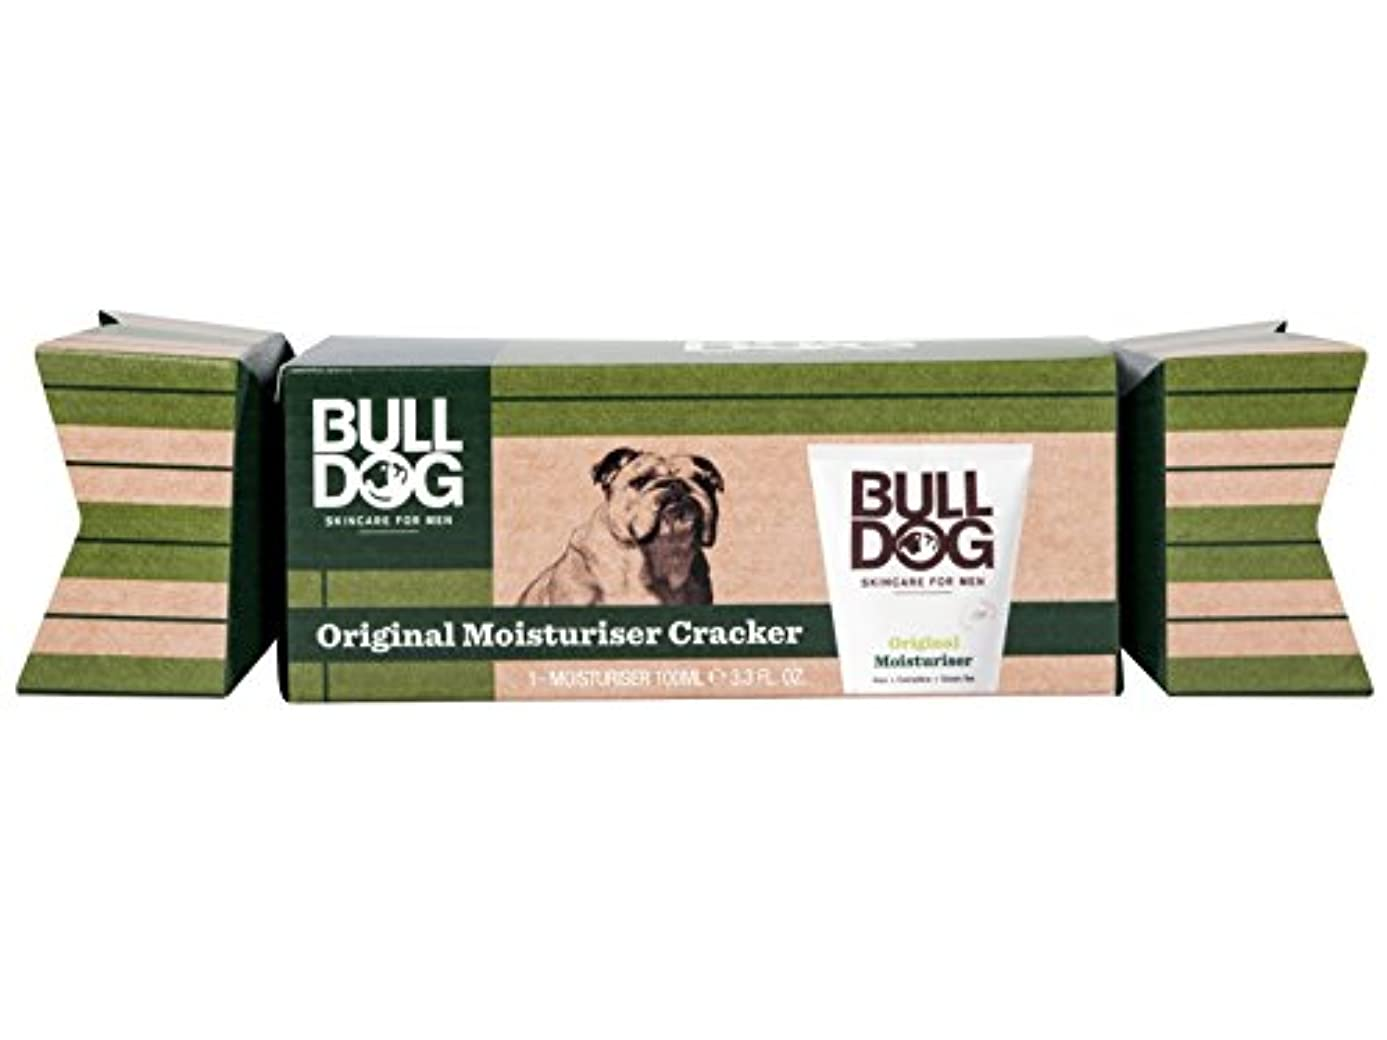 バーベキューしみ現象ブルドッグ Bulldog オリジナルモイスチャライザー100ml クラッカー